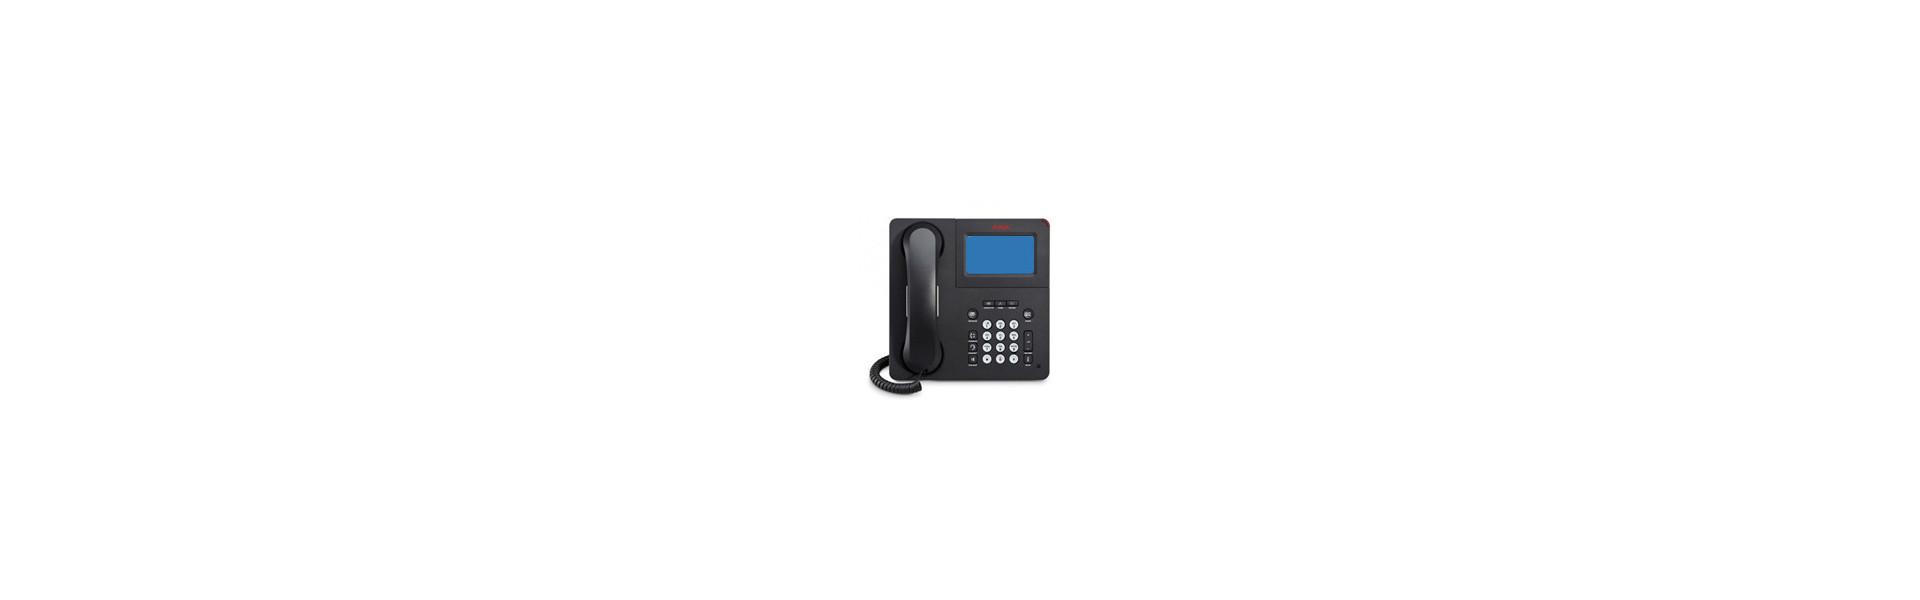 IP-телефония Б/У